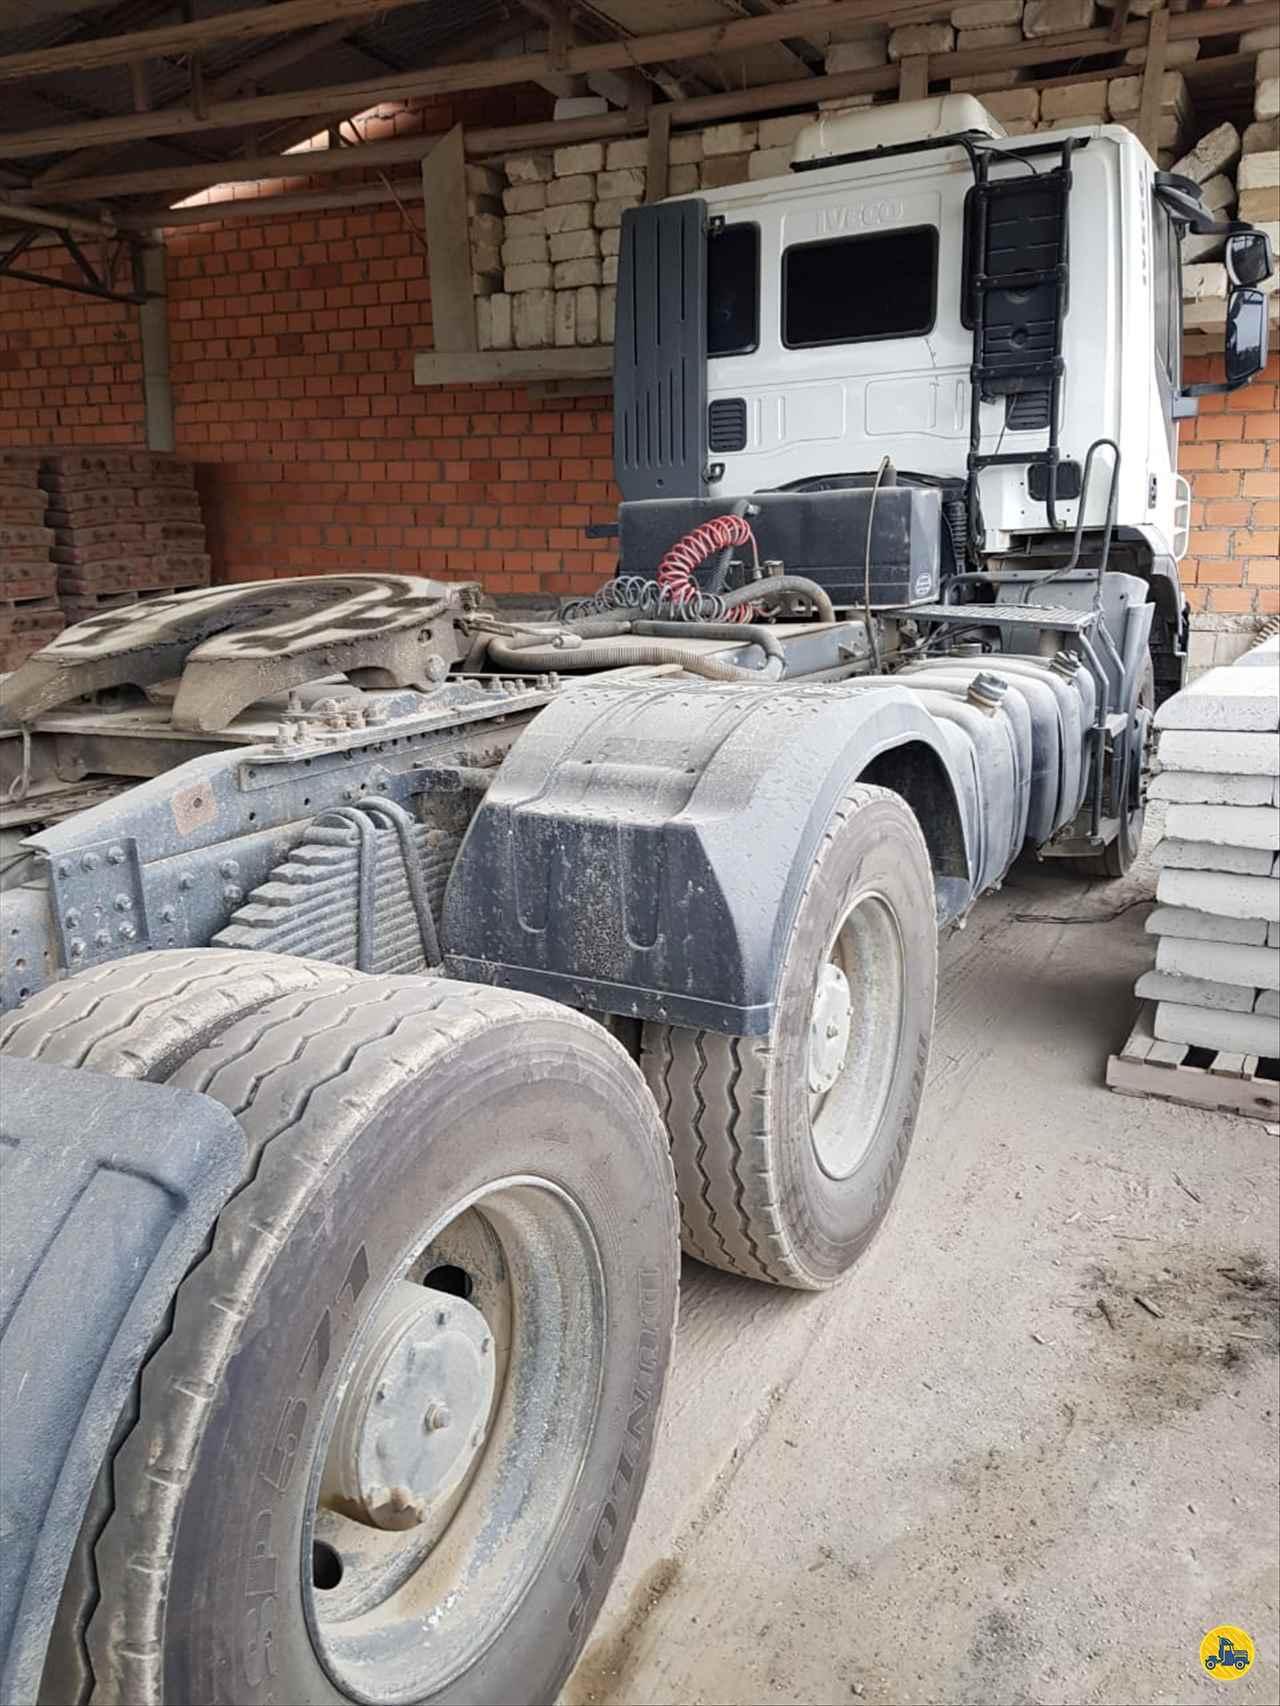 CAMINHAO IVECO STRALIS 420 Chassis Traçado 6x4 Transmap Caminhões SANTA ROSA RIO GRANDE DO SUL RS